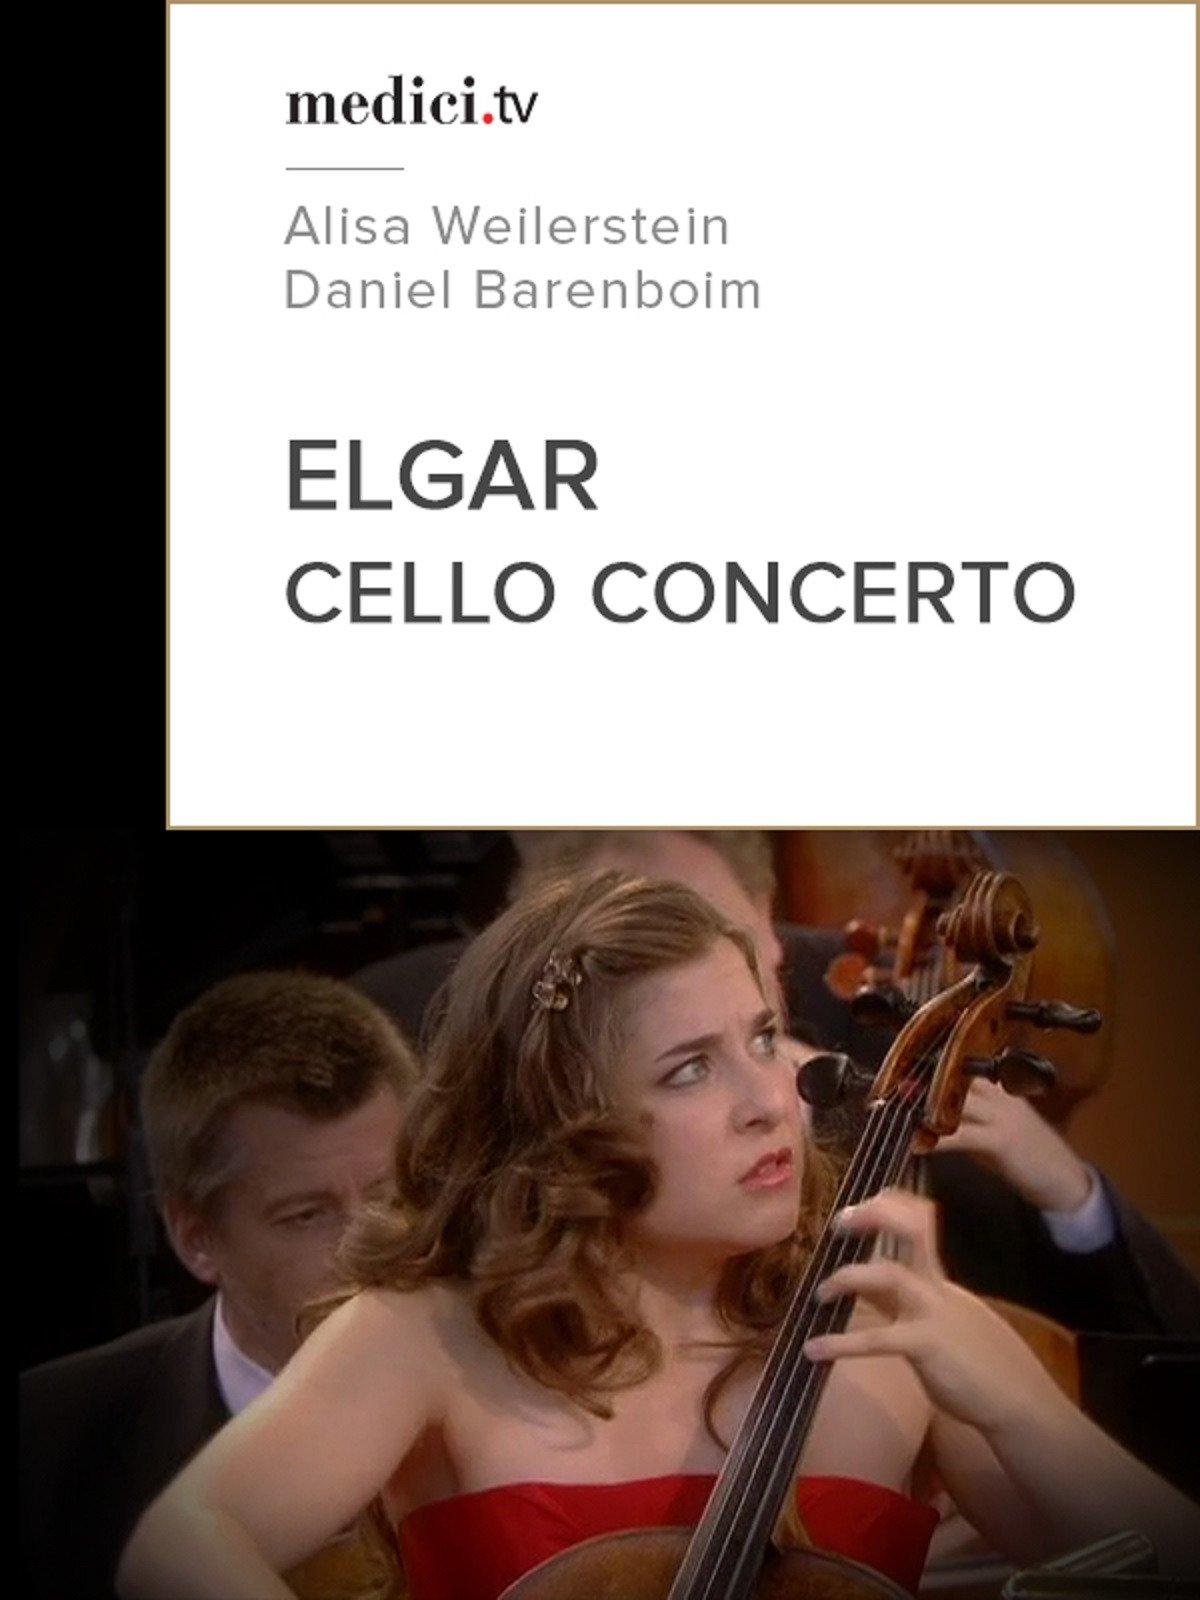 Elgar, Cello concerto